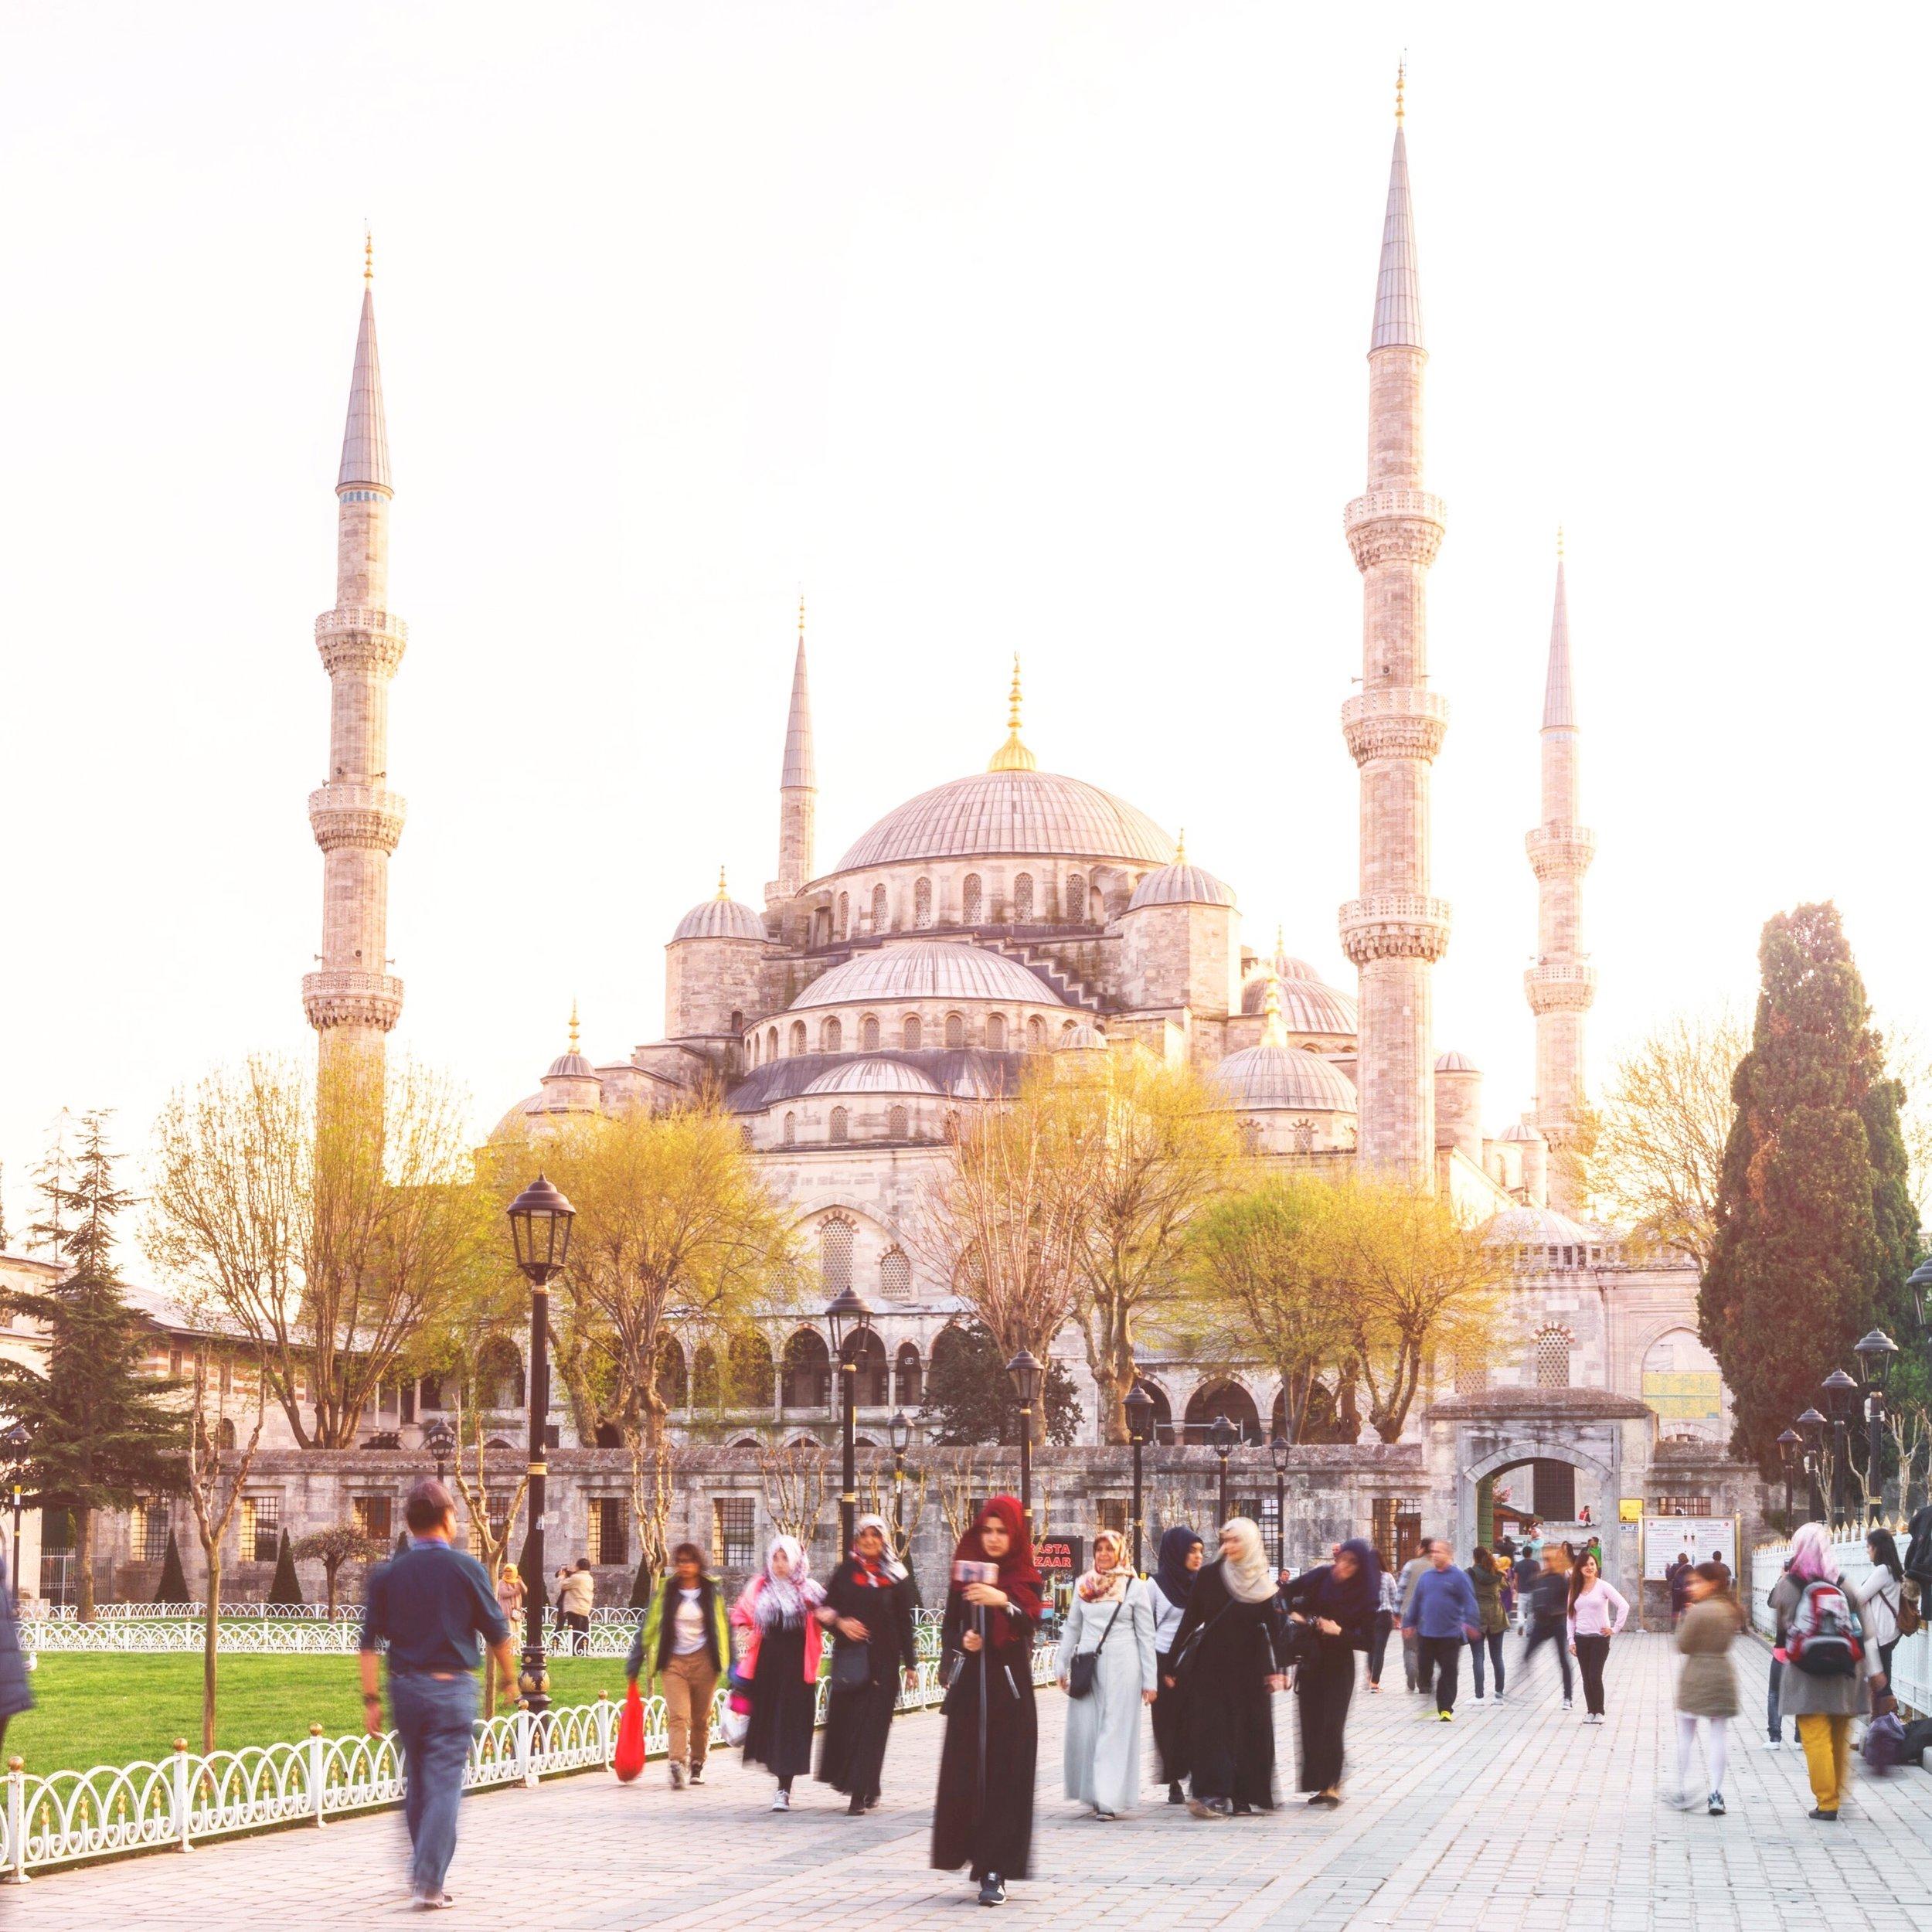 Chasing Laughs in Turkey - Mar - Apr 2016, Mar 2017